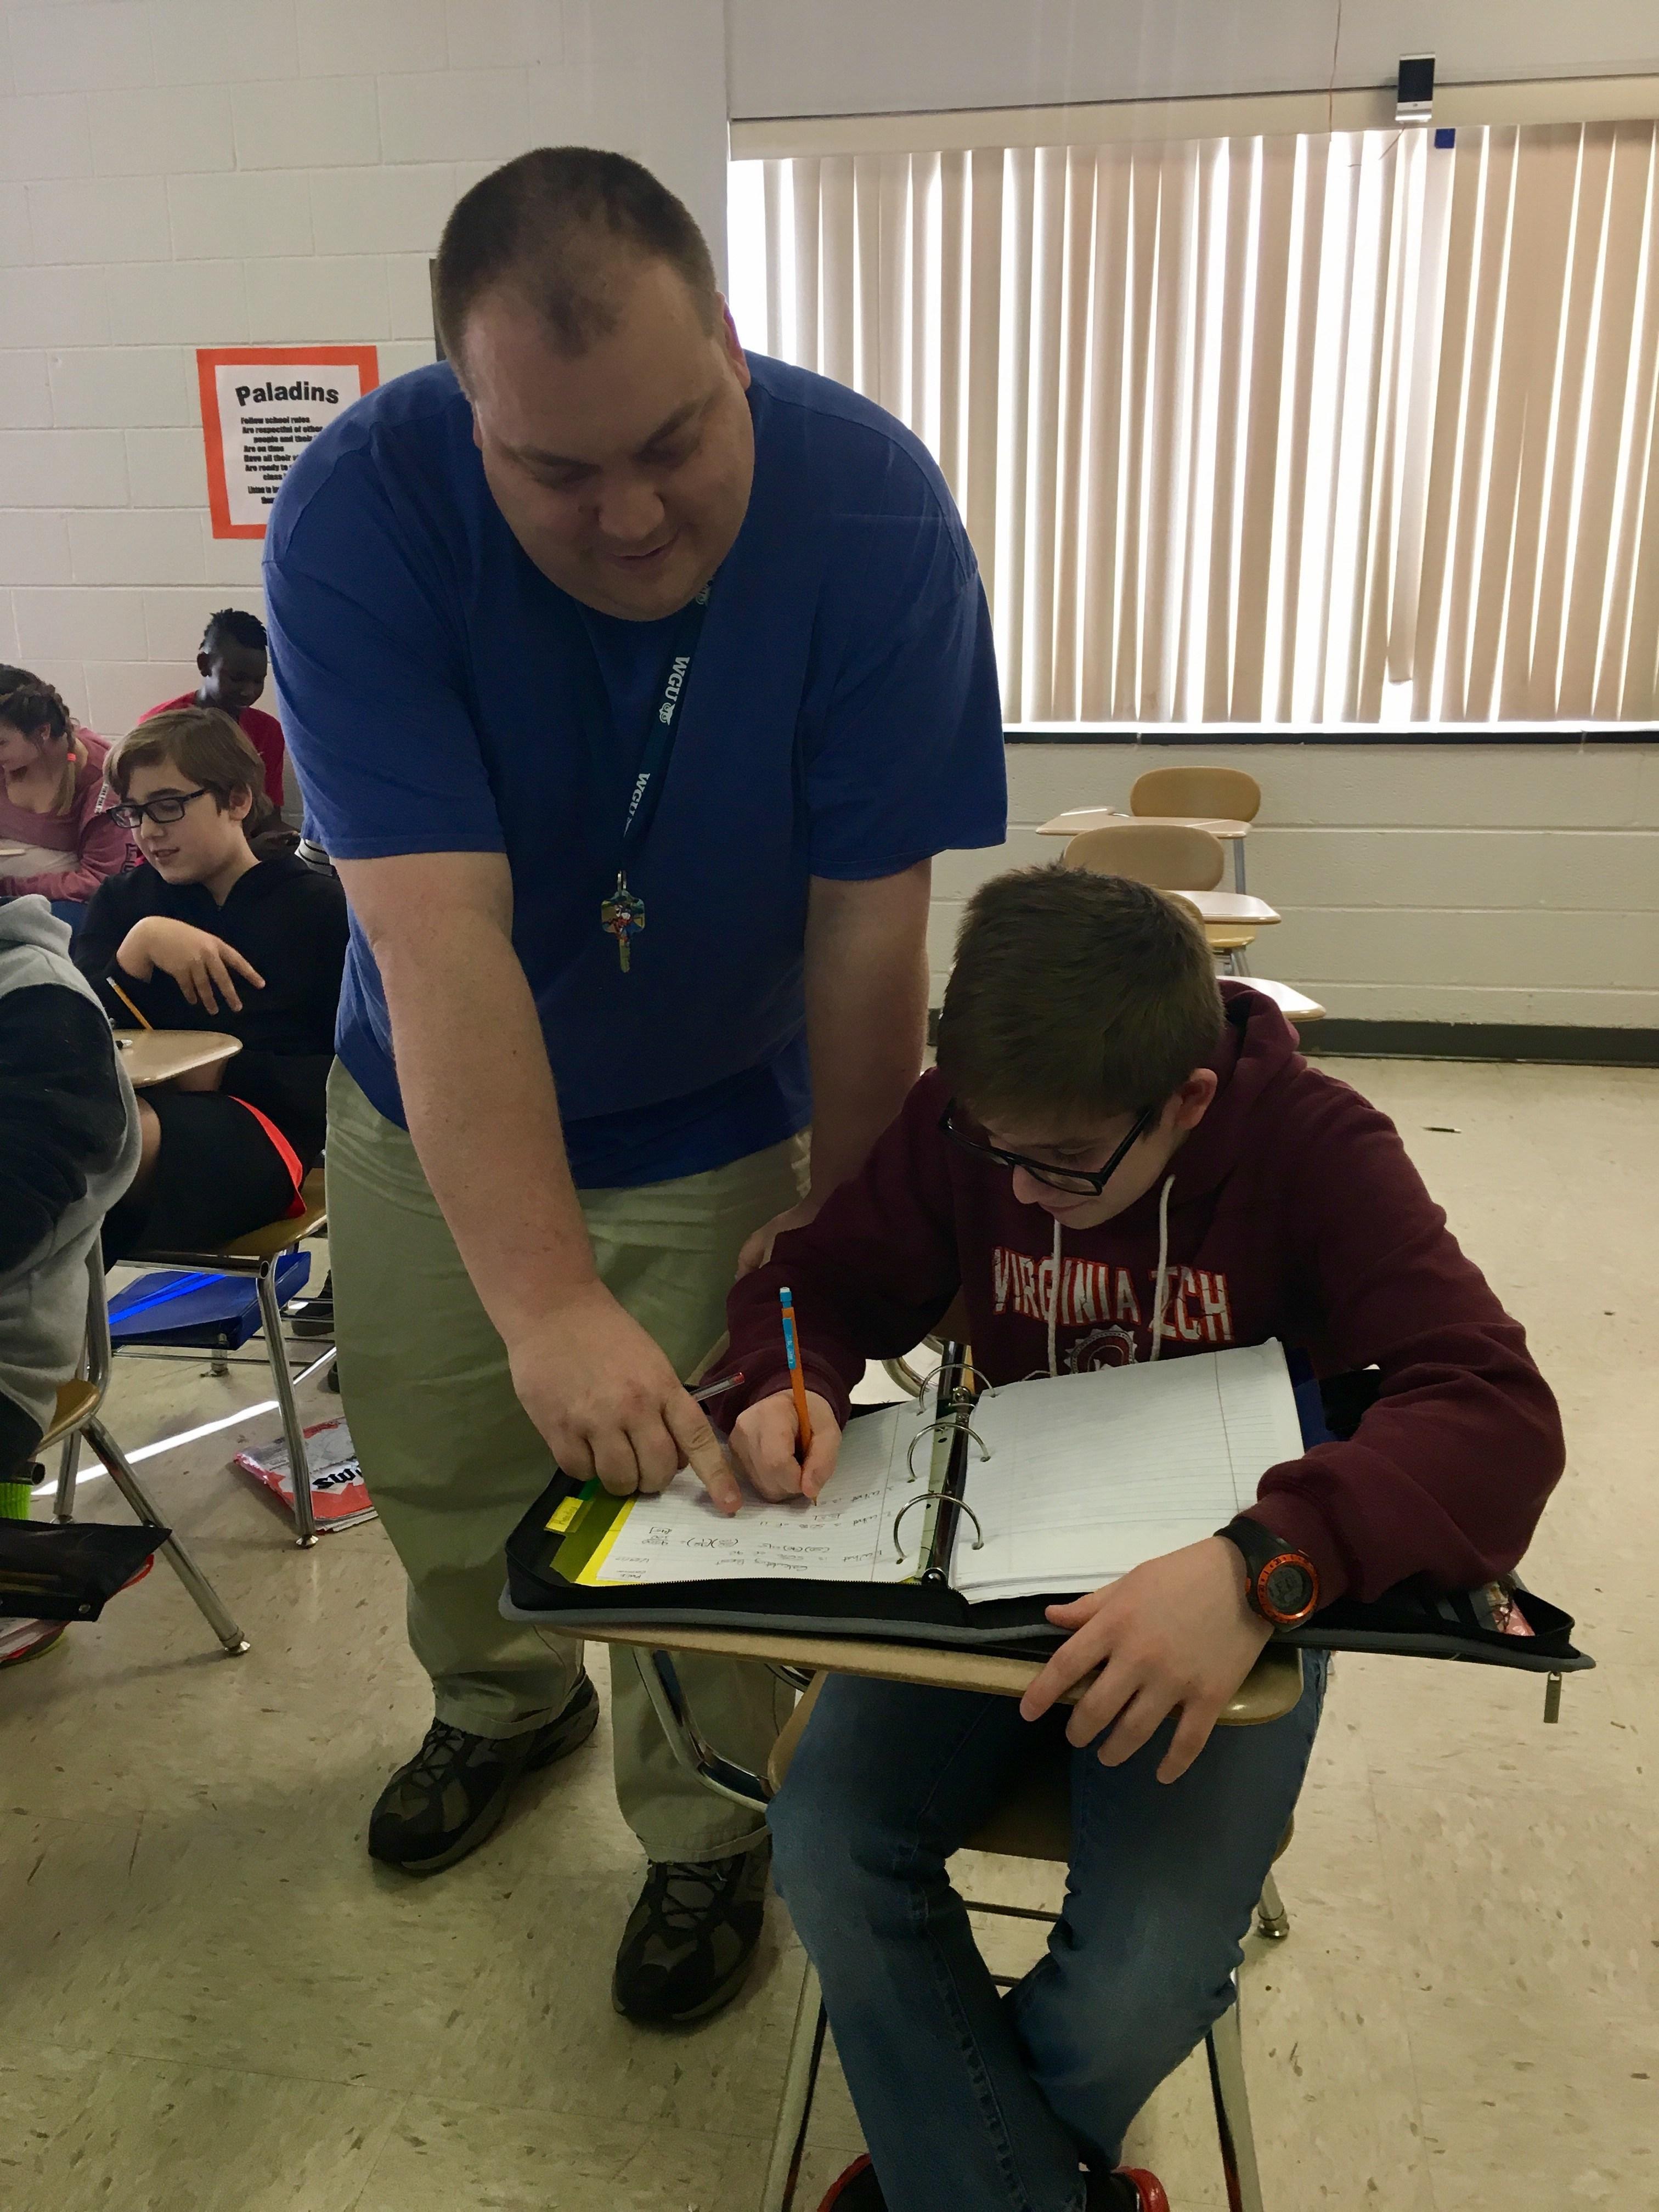 Beginning Teacher helps student